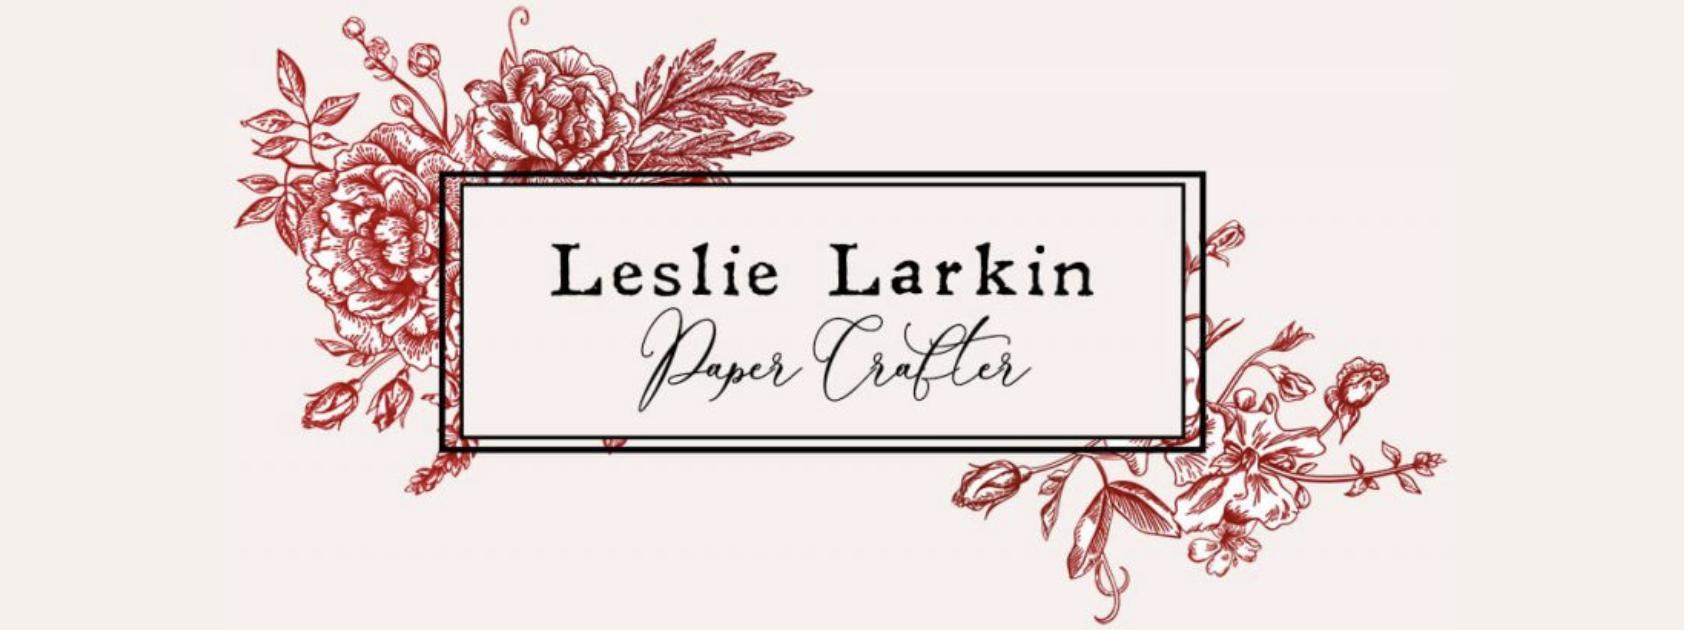 Leslie Larkin Paper Crafter